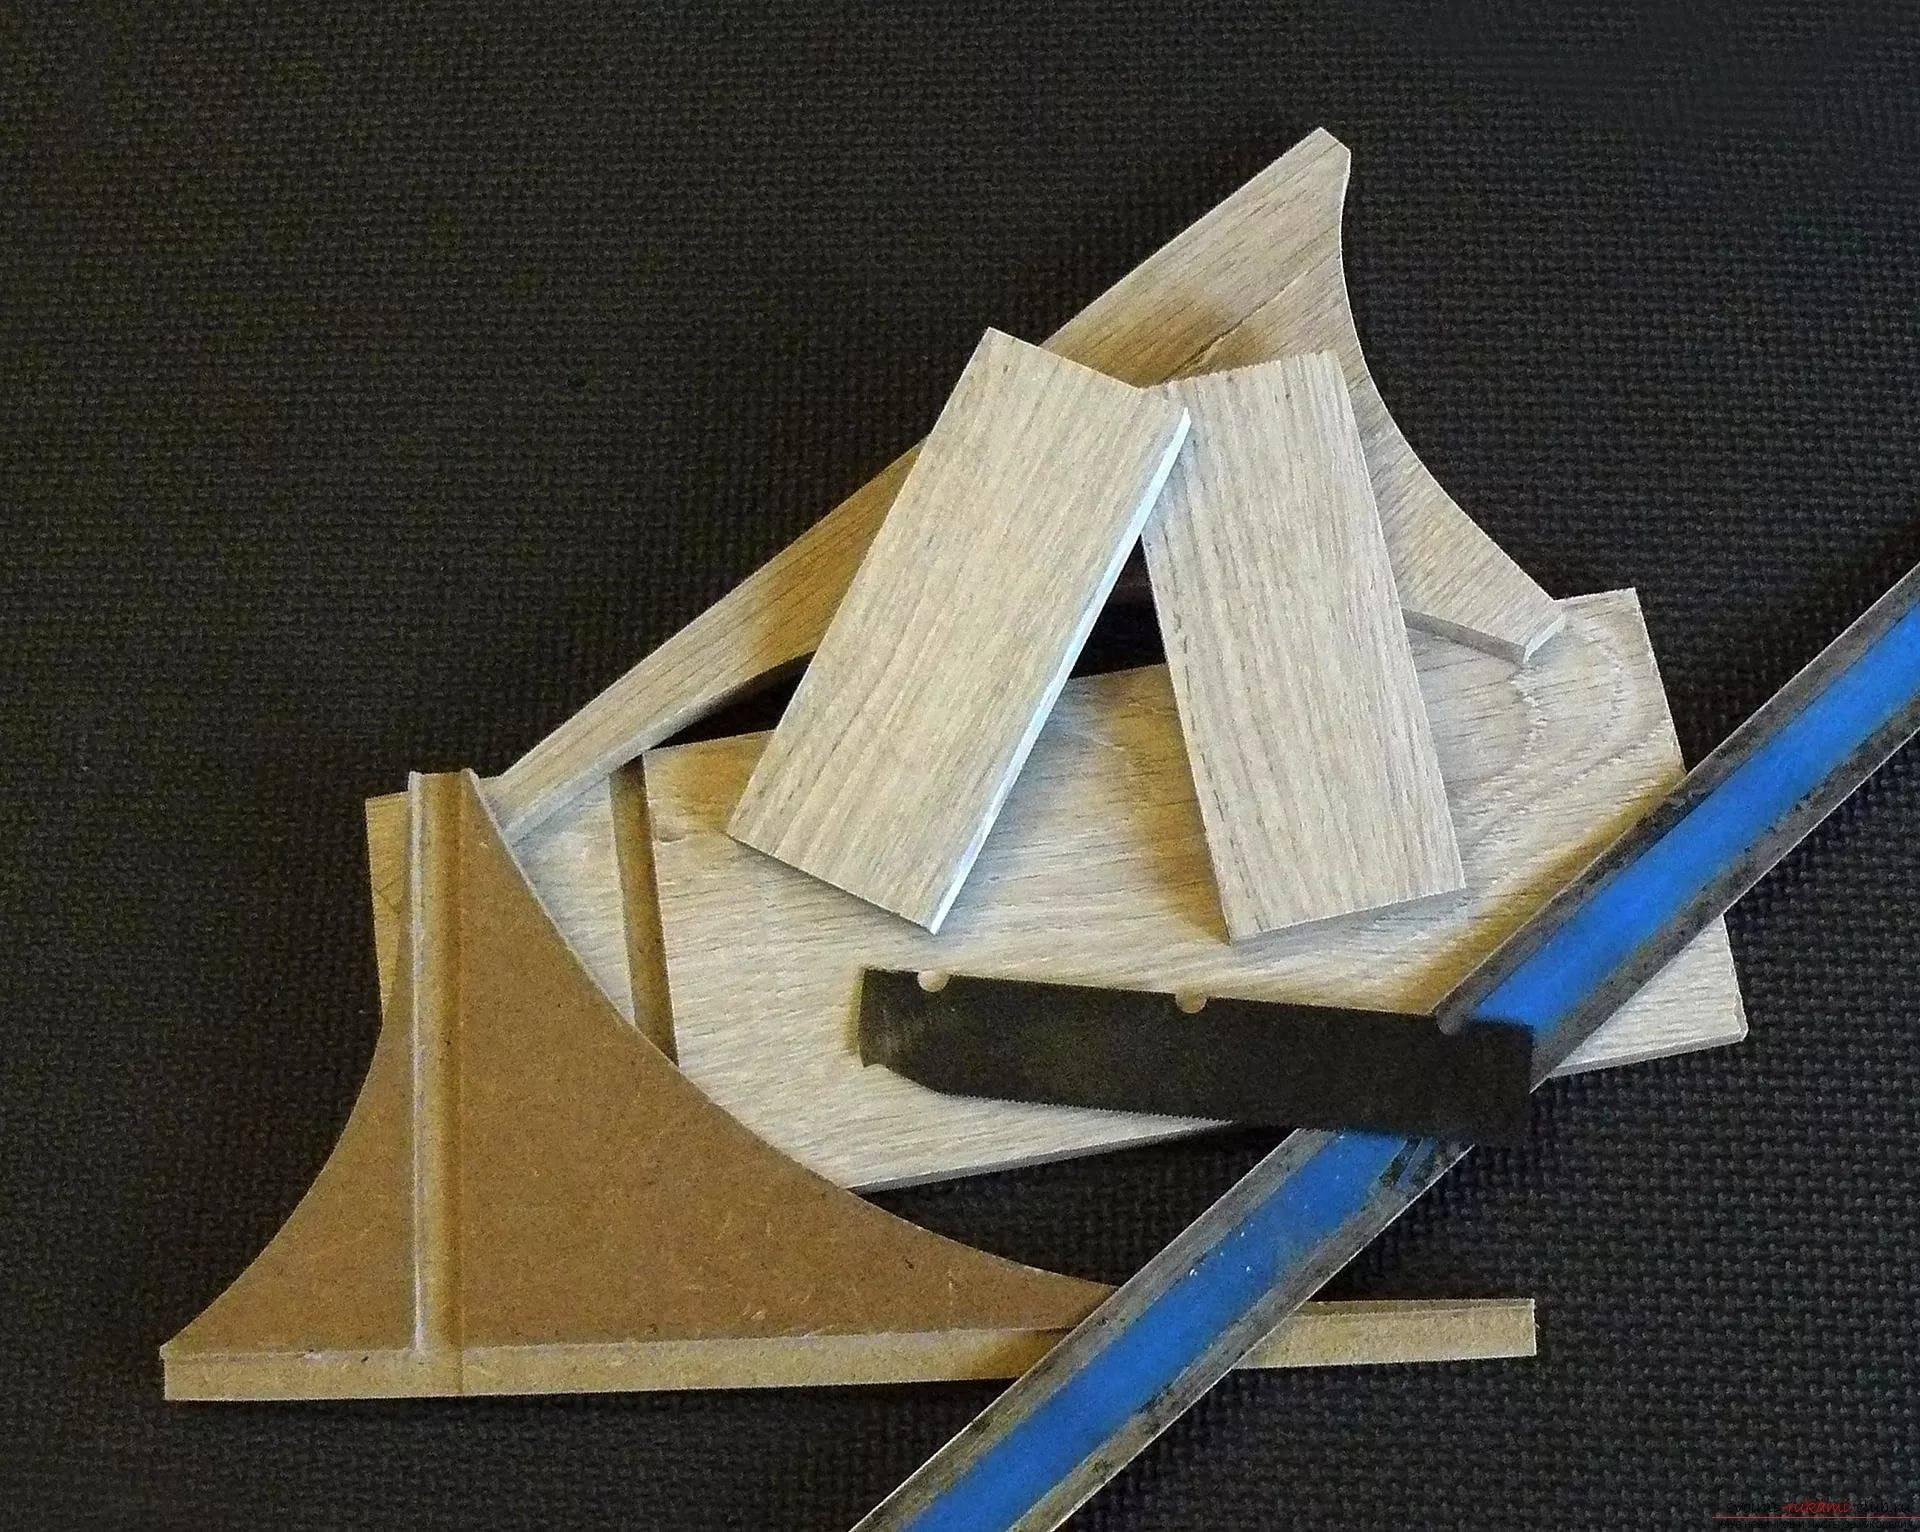 Что сделать из остатков ламината - идеи и реализации | стройсоветы